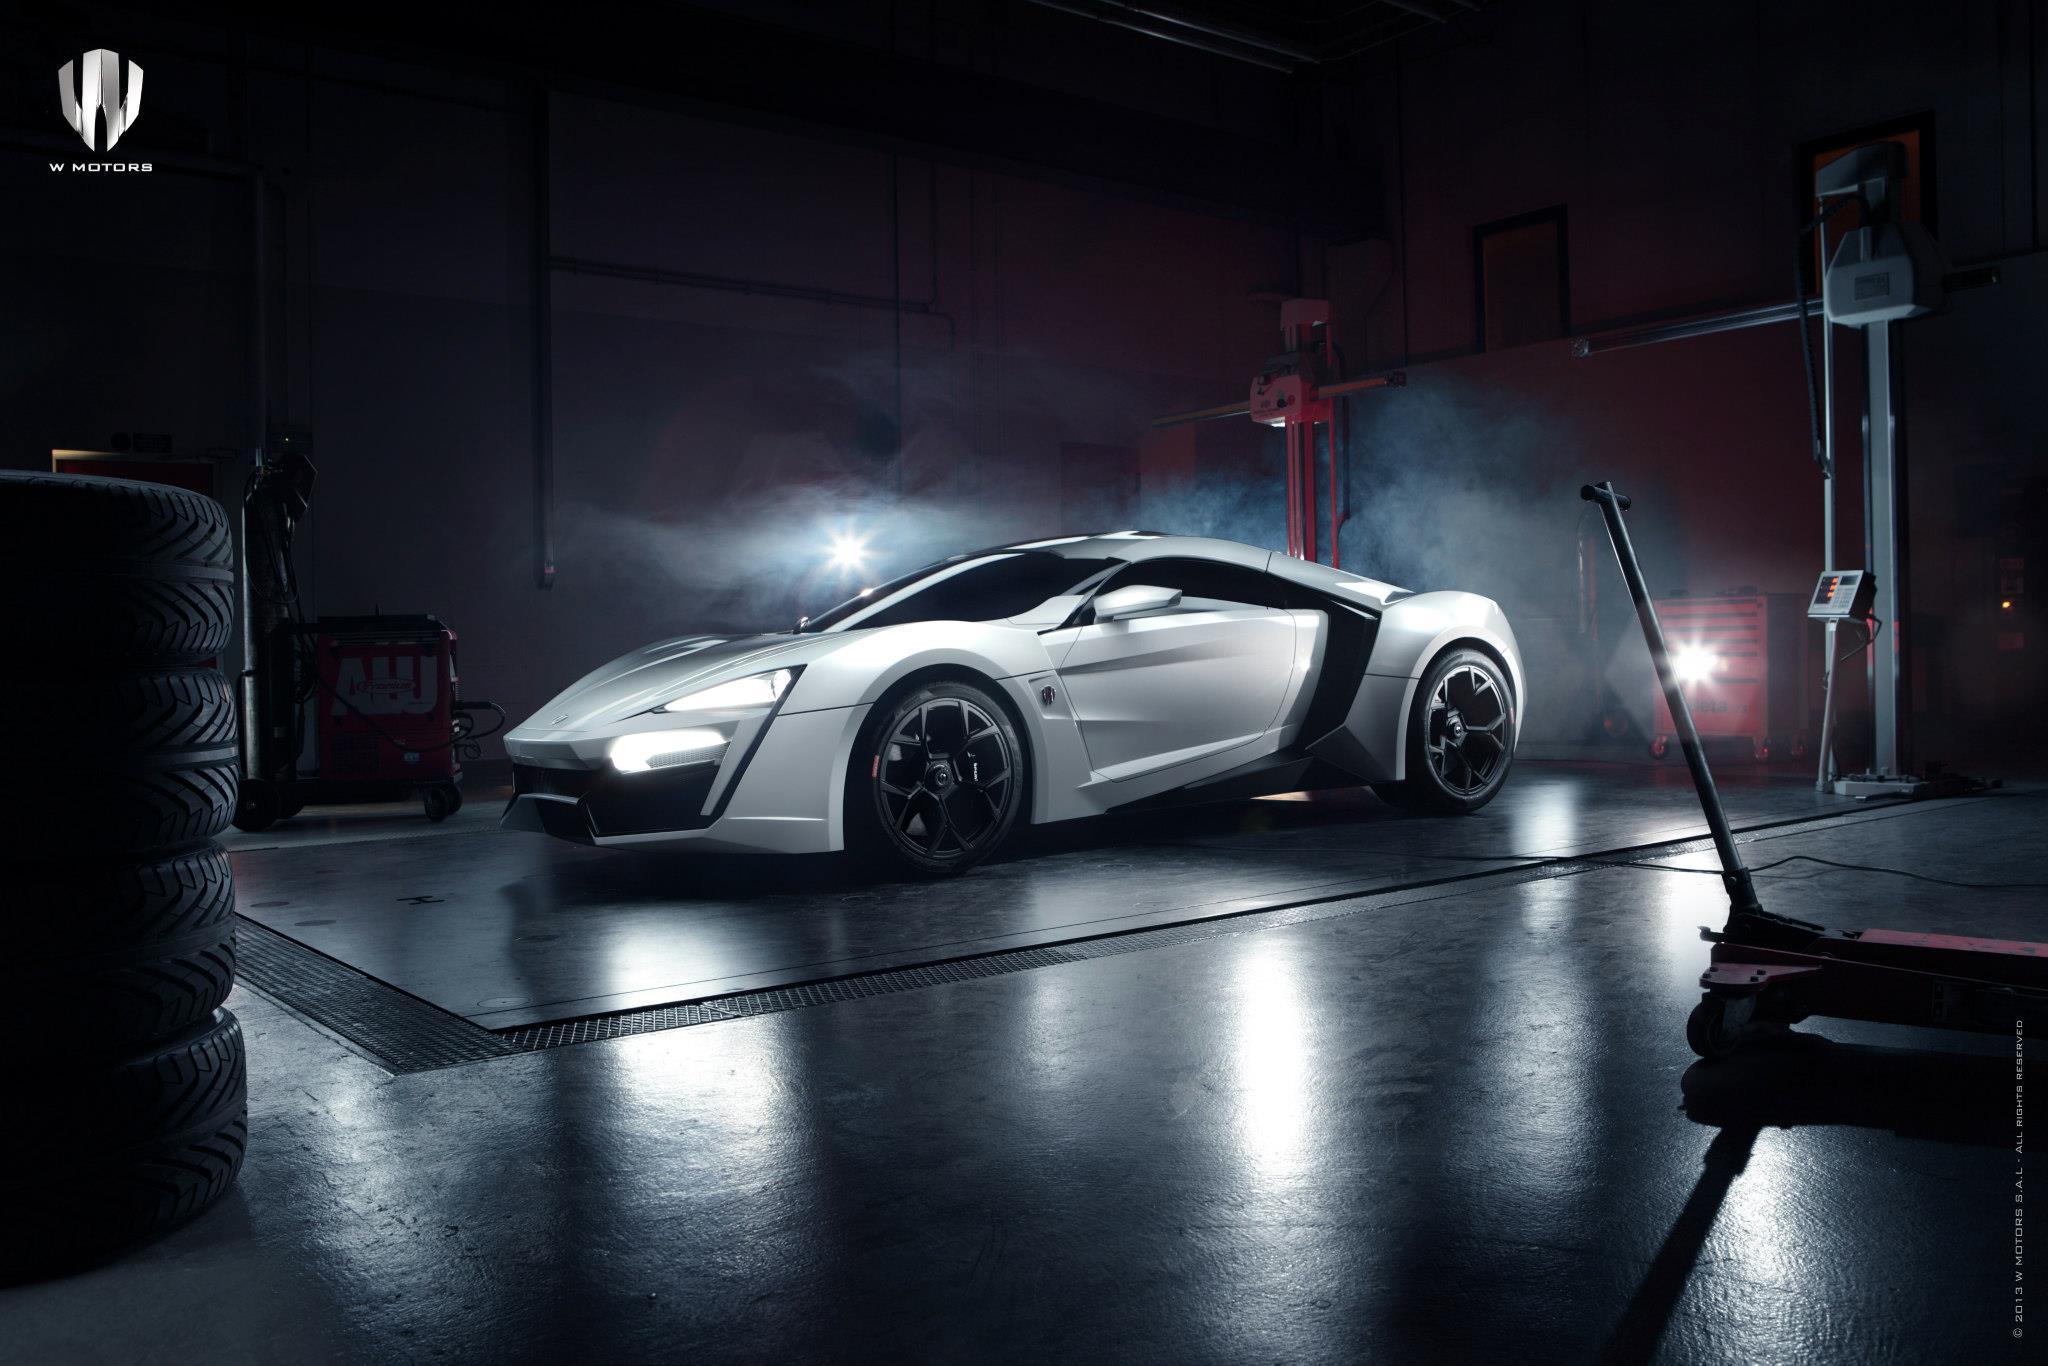 http://images.caradisiac.com/logos/9/4/8/9/169489/S0-La-plus-chere-de-tous-les-temps-se-nomme-W-Motors-Lykan-Hypersport-84163.jpg